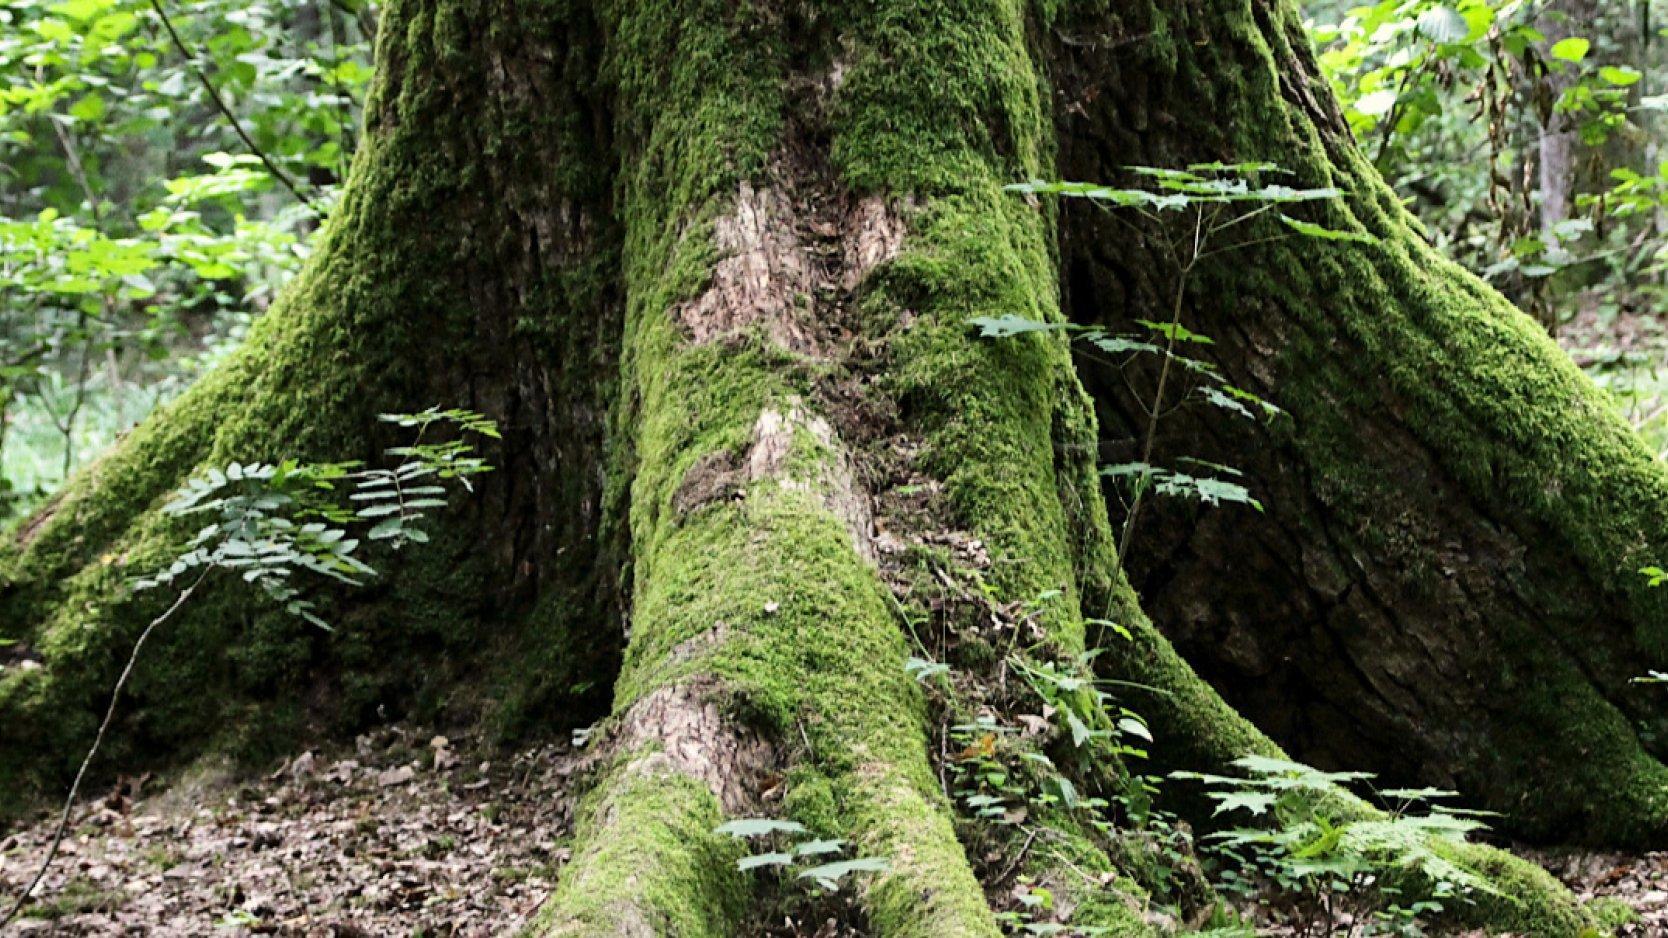 Moosbewachsener Baumstamm im Wald von Białowieża in Polen.